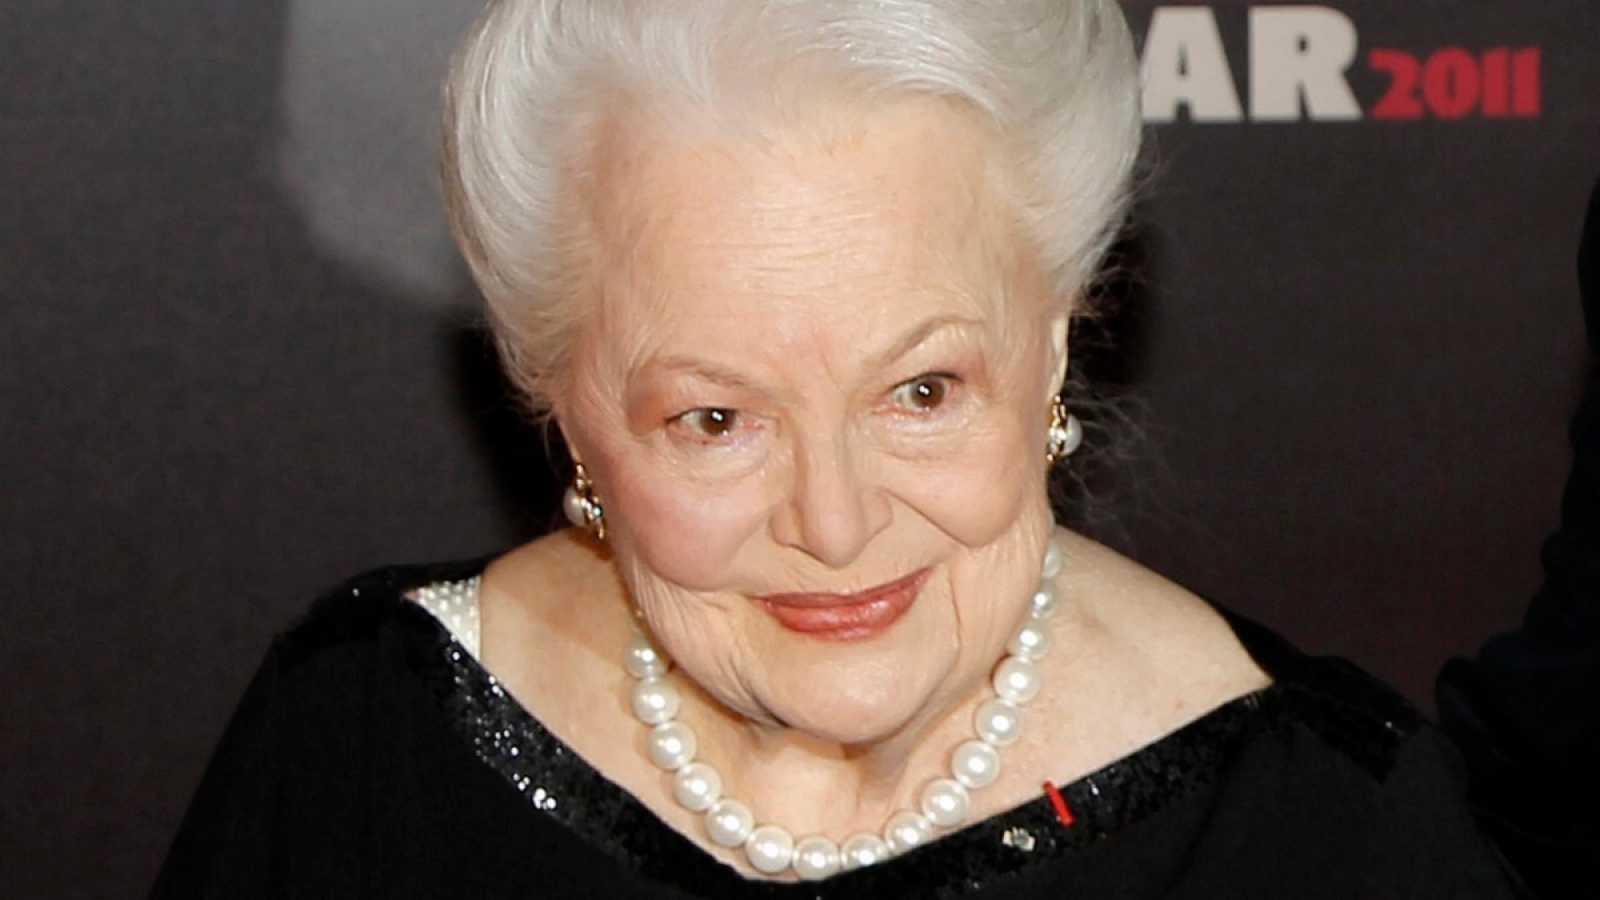 24 horas fin de semana - 20 horas - Fallece la última estrella del Hollywood dorado, Olivia de Havilland - Escuchar ahora